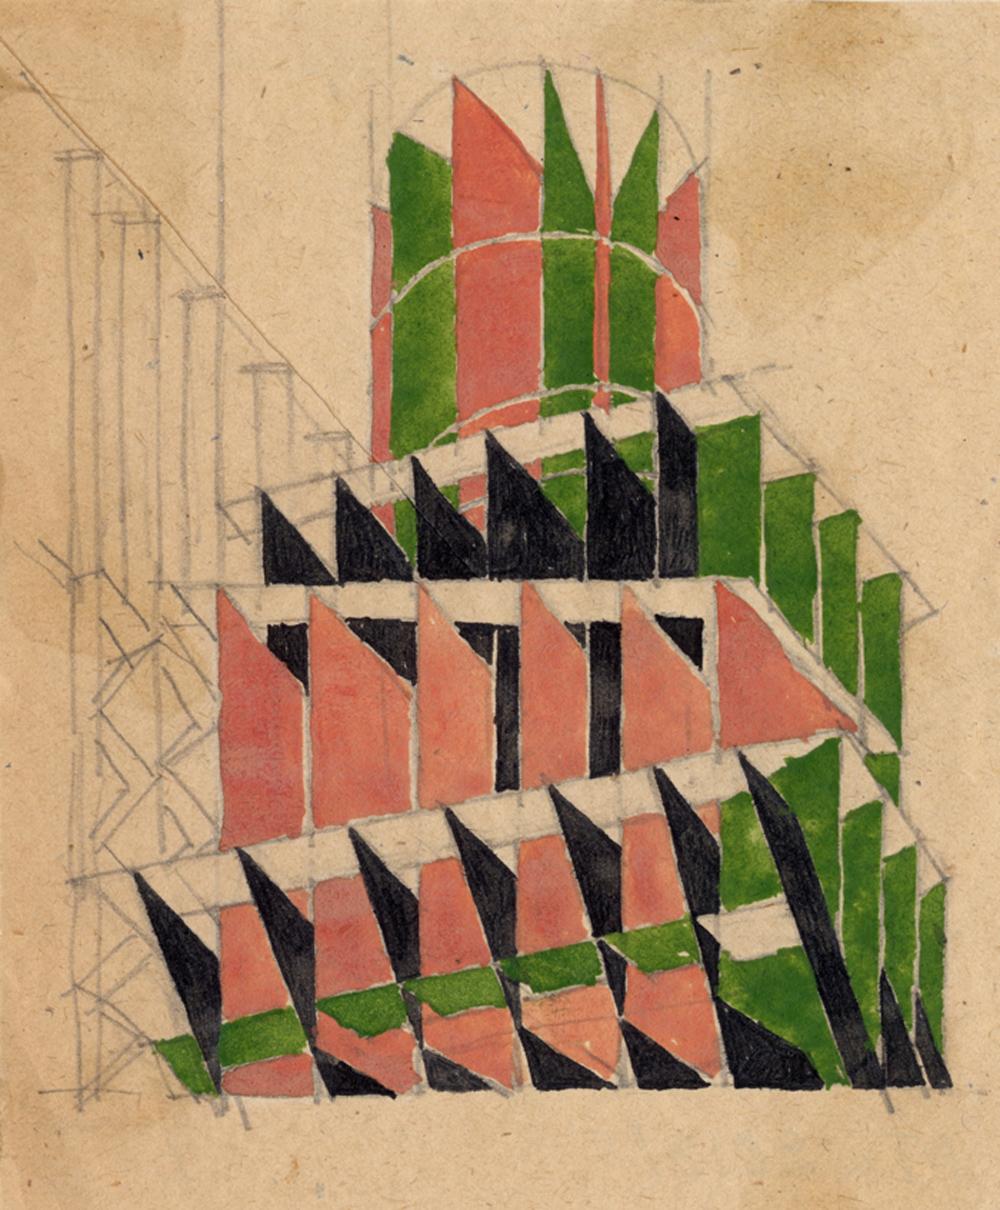 """Wchutemas: W. Krinski: Experimentell-methodische Studienarbeit zum Thema """"Farbe und räumliche Komposition""""  1921 Papier, Bleistift, Gouache  © Staatliches Schtschussew Museum für Architektur Moskau"""